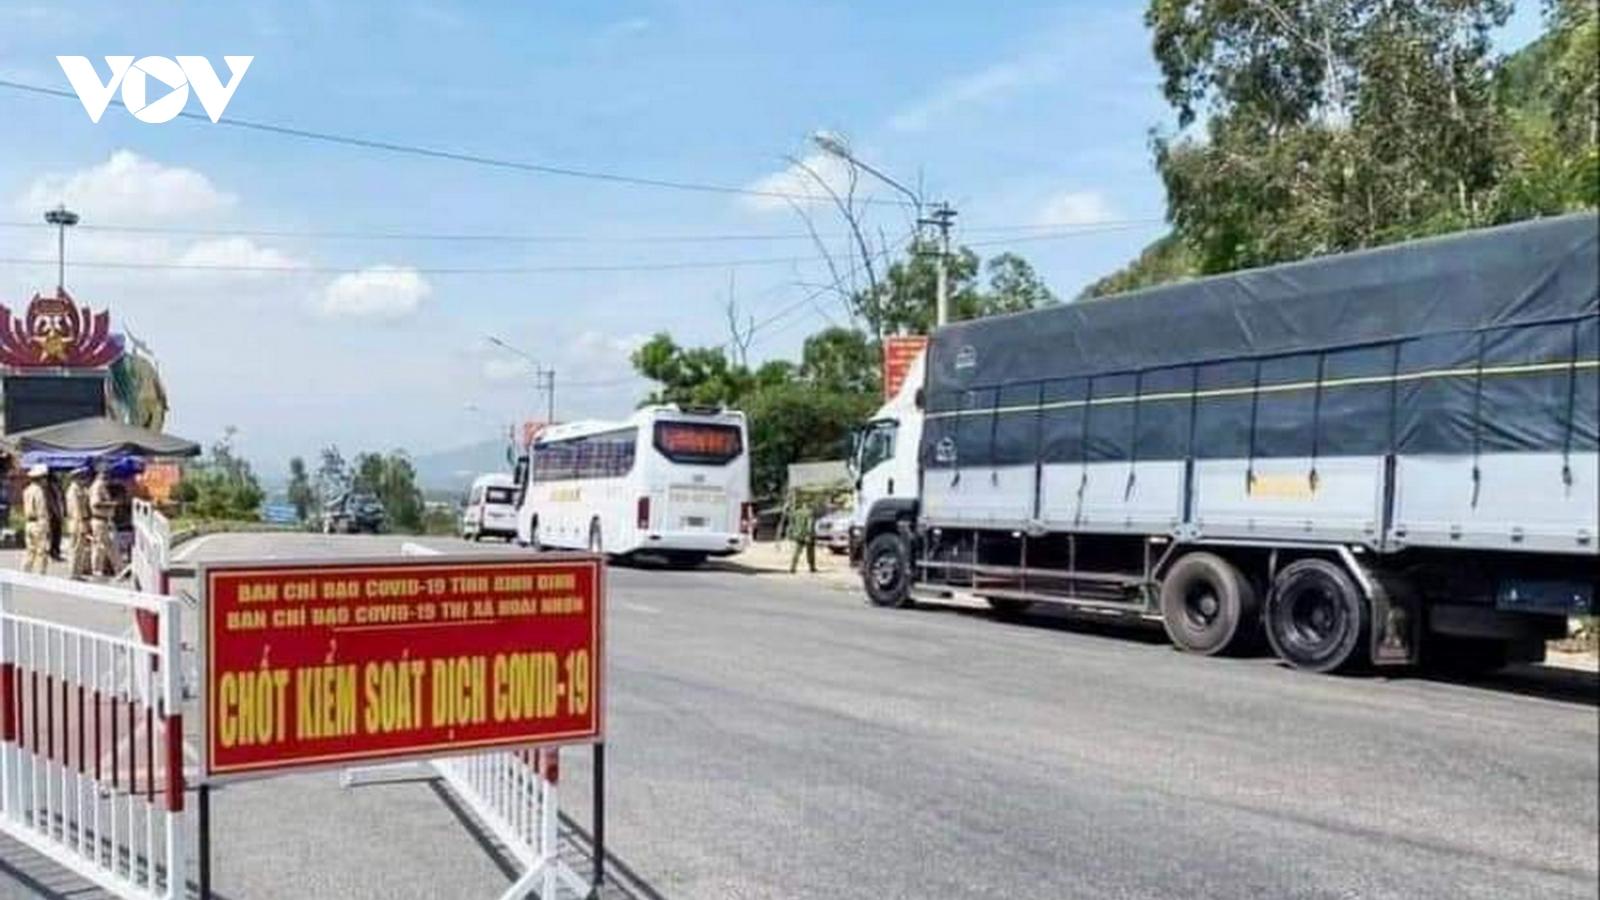 Bình Định thiết lập lại 2 chốt kiểm tra y tế tại cửa ngõ phía Bắc